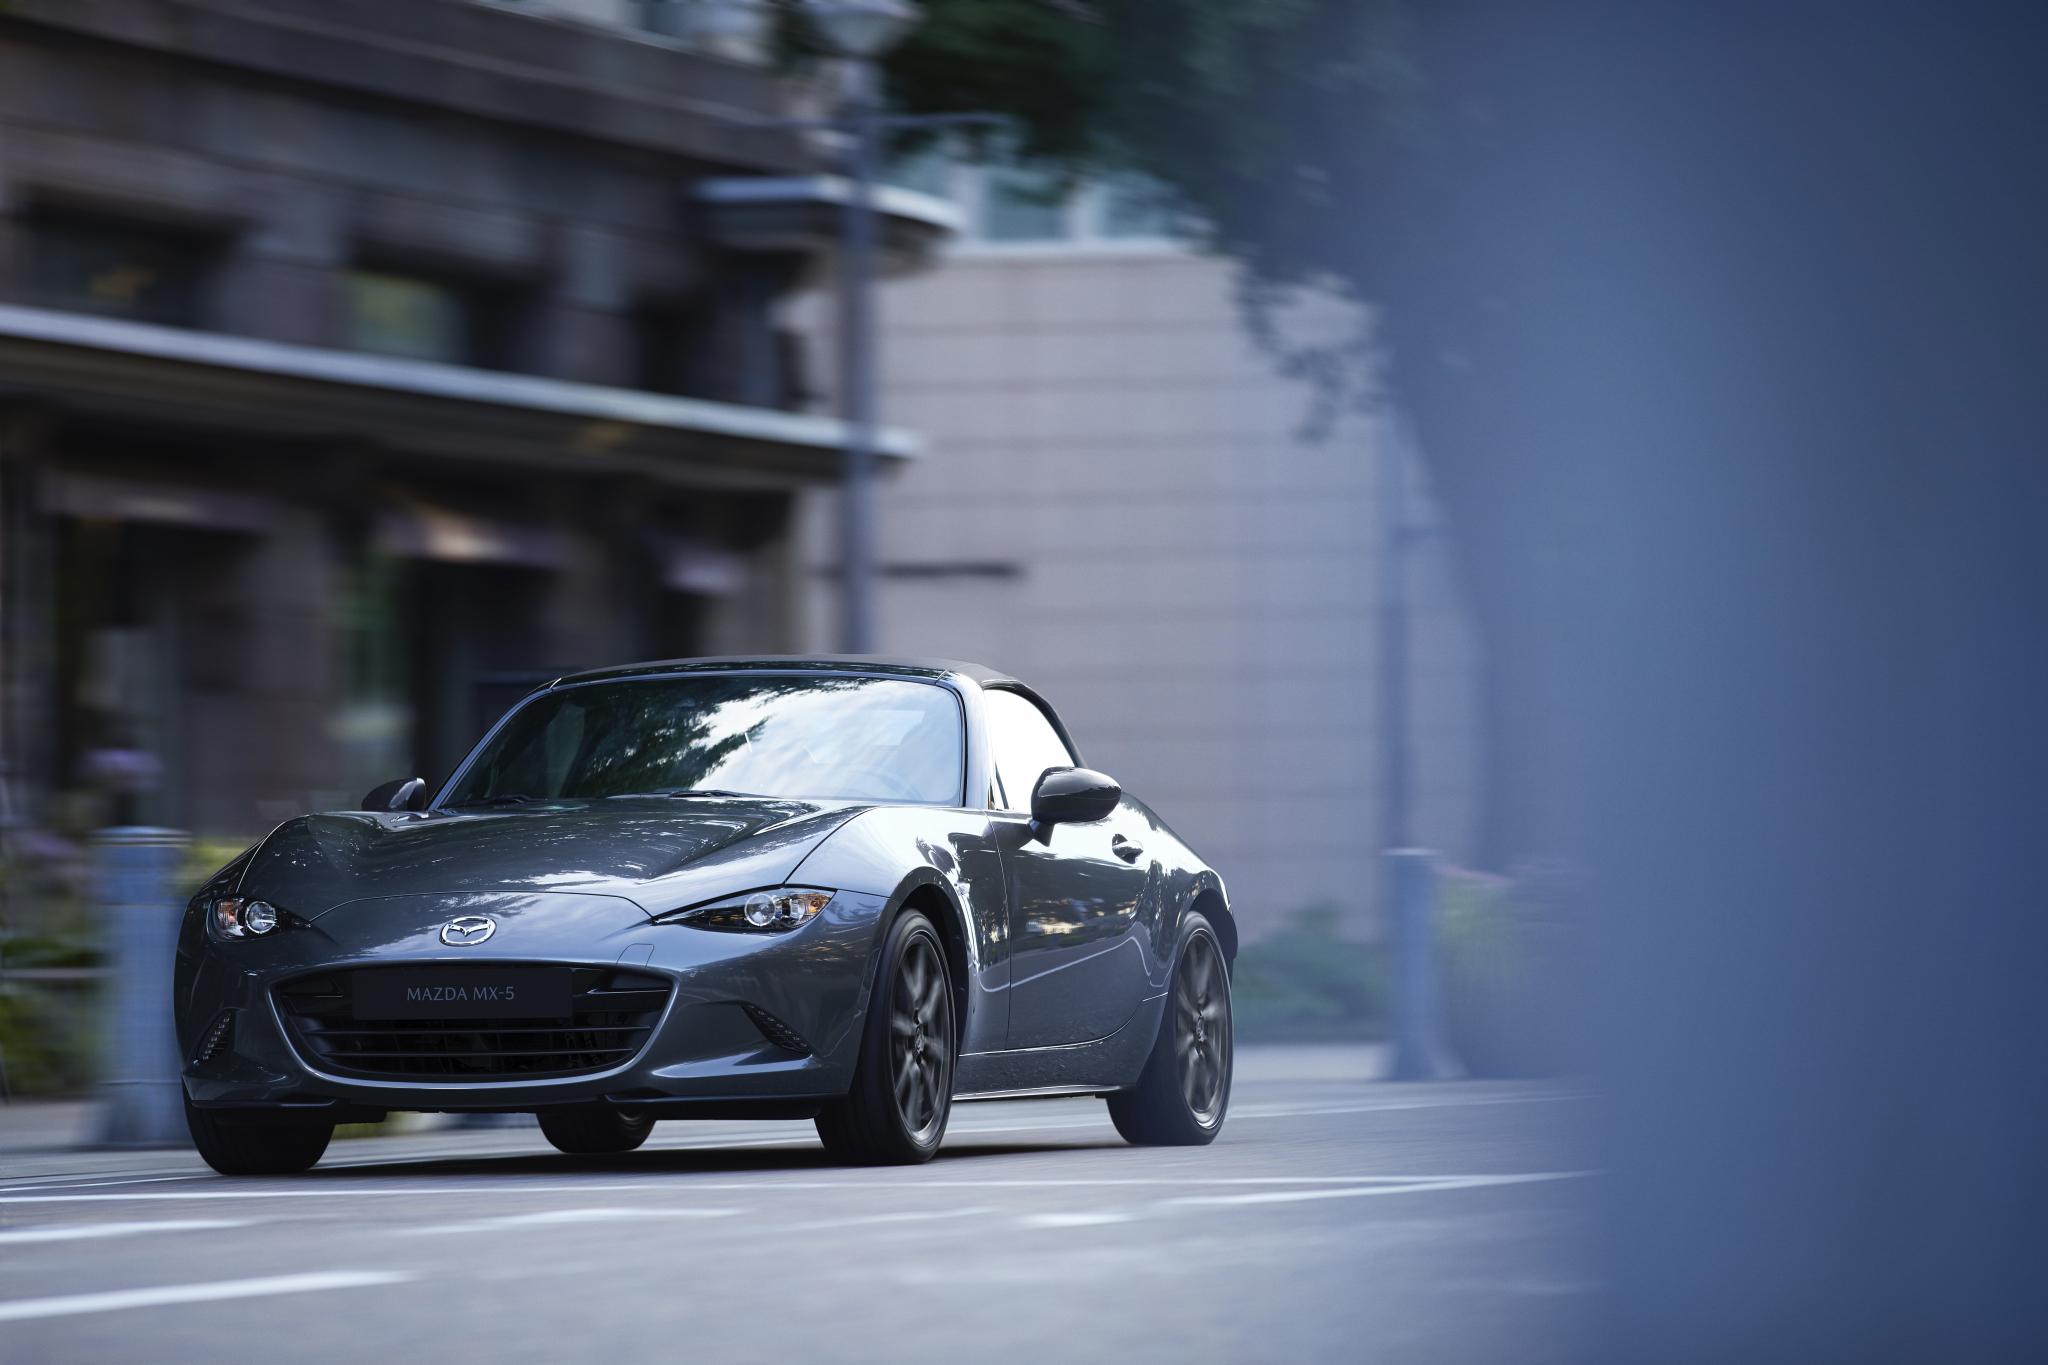 Kelebihan Kekurangan Mazda Mx 5 2020 Spesifikasi